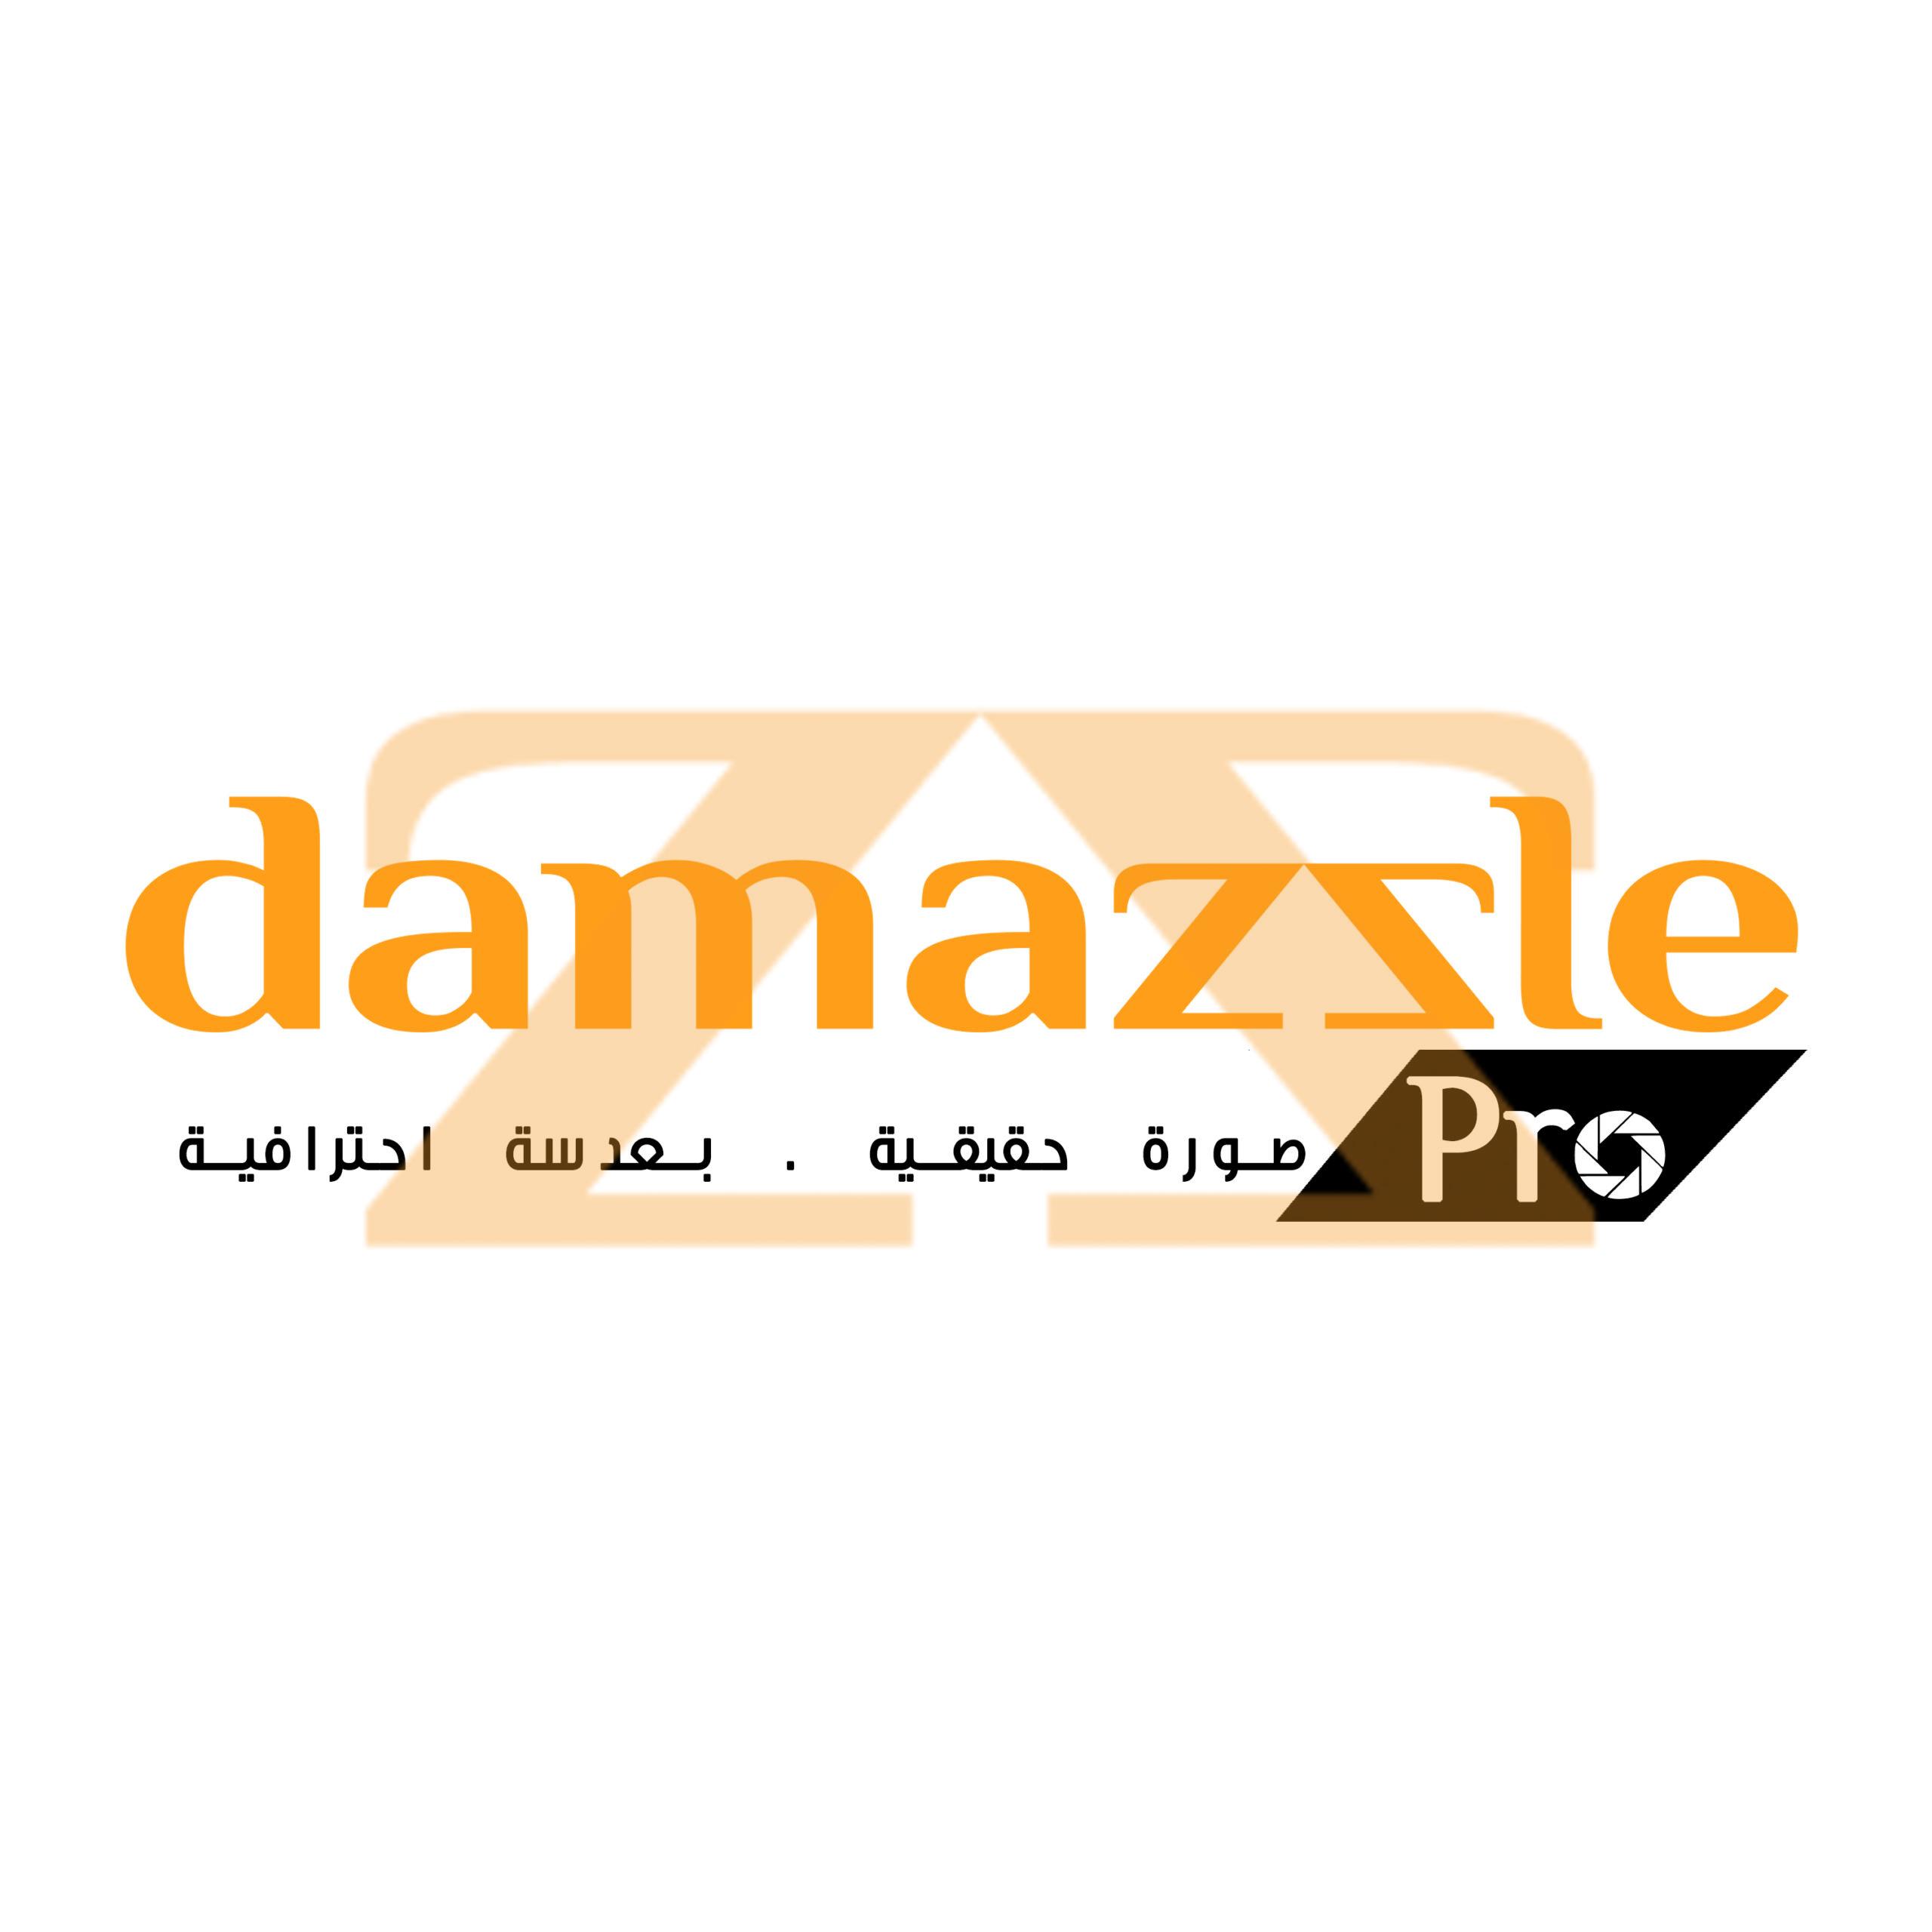 خدمة Damazzle Pro للتصوير الاحترافي